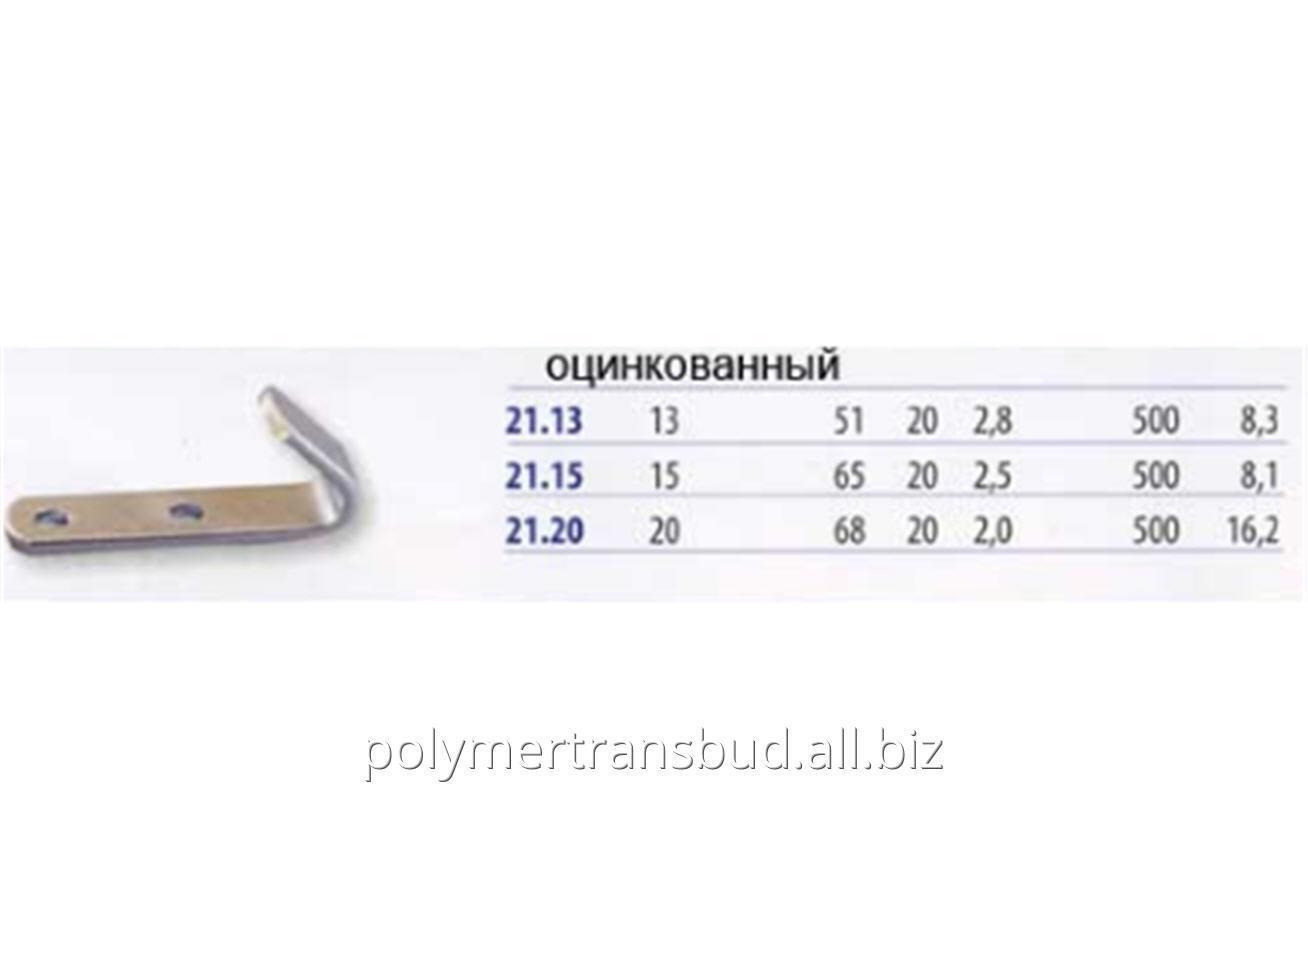 kryuchki_oczinkovannye_2113